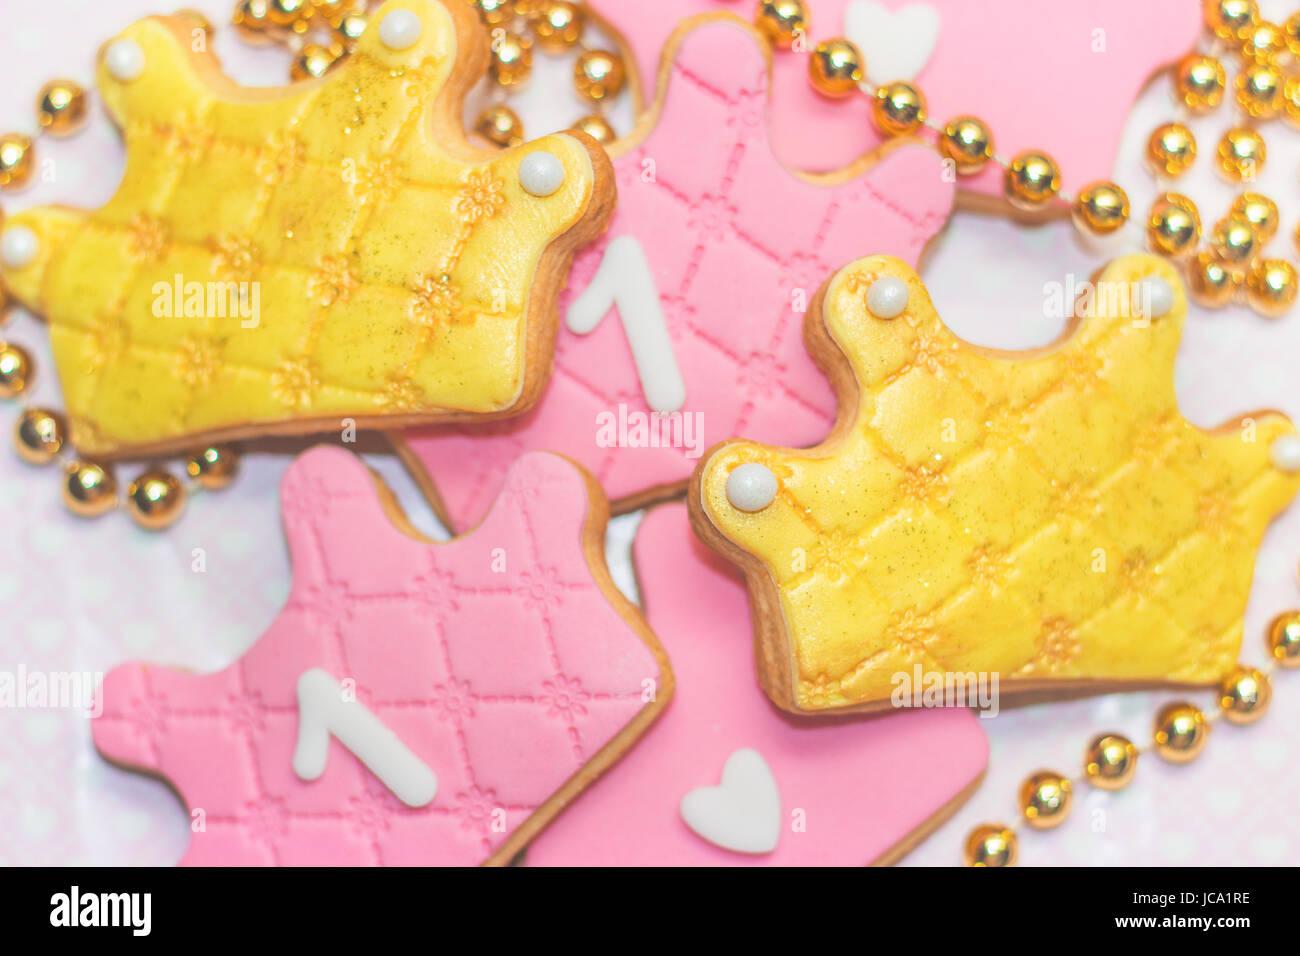 Primer cumpleaños royal guinda cookies - rosa y corona de oro en forma de cookies con el número 1 Imagen De Stock